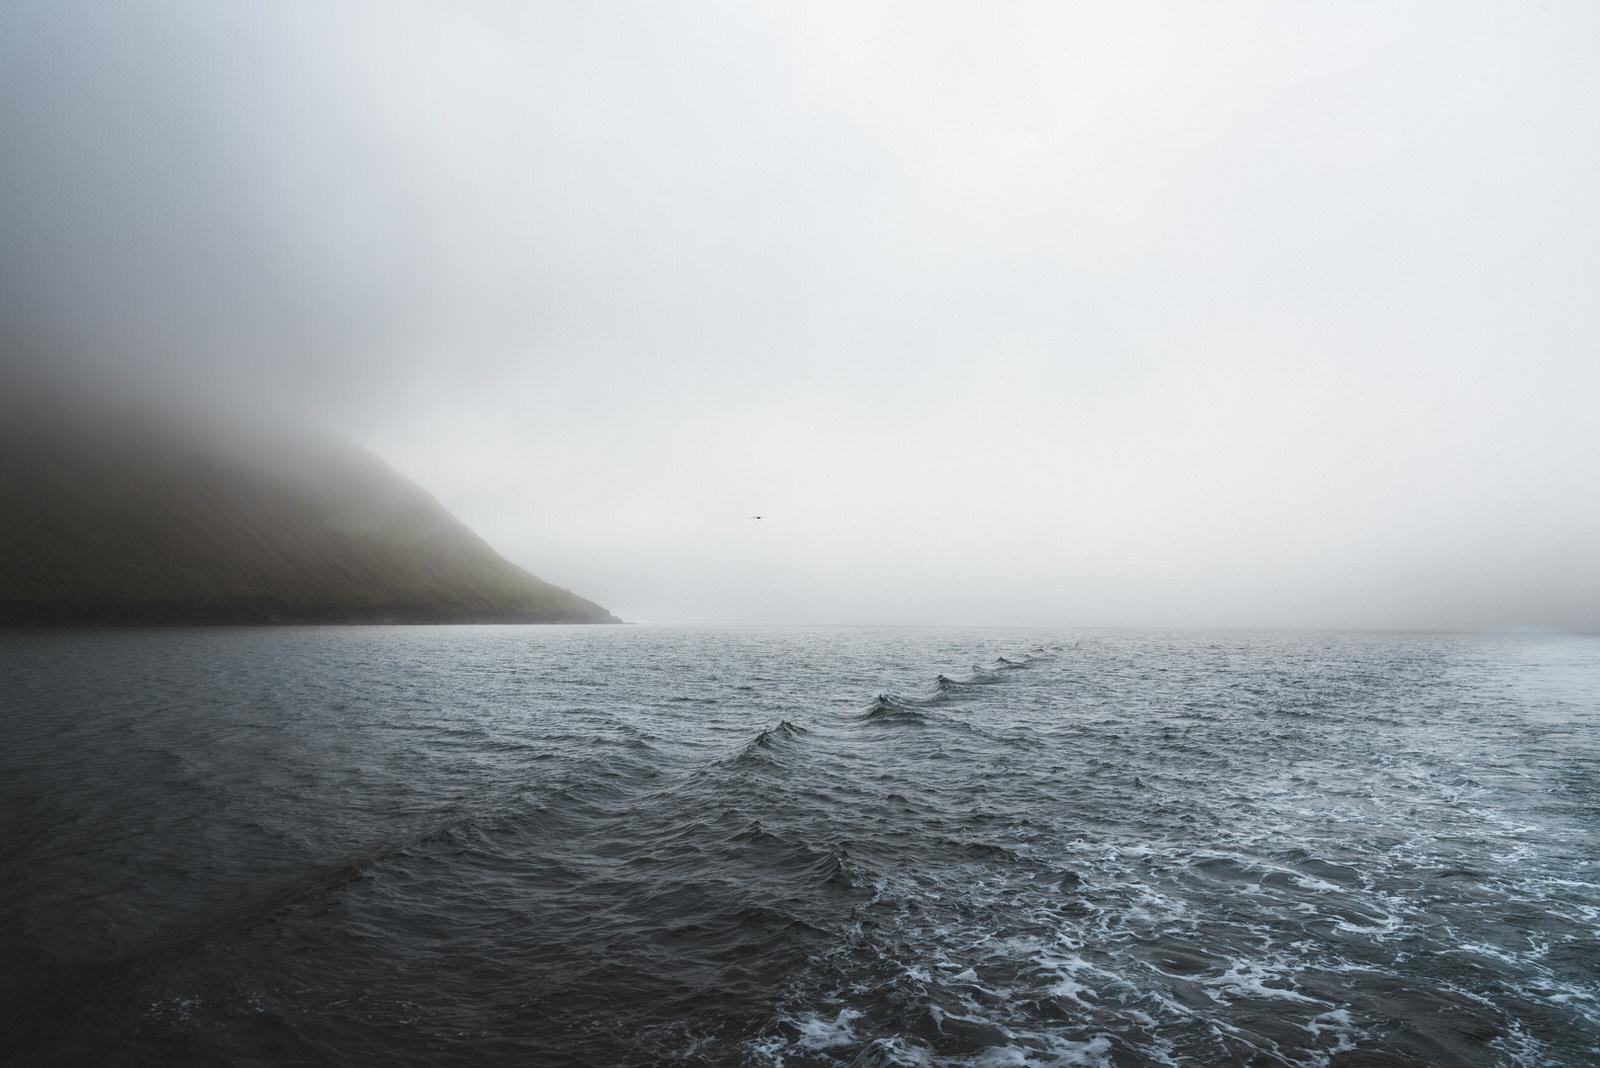 faroe islands road trip 2016 day 5 kalsoy